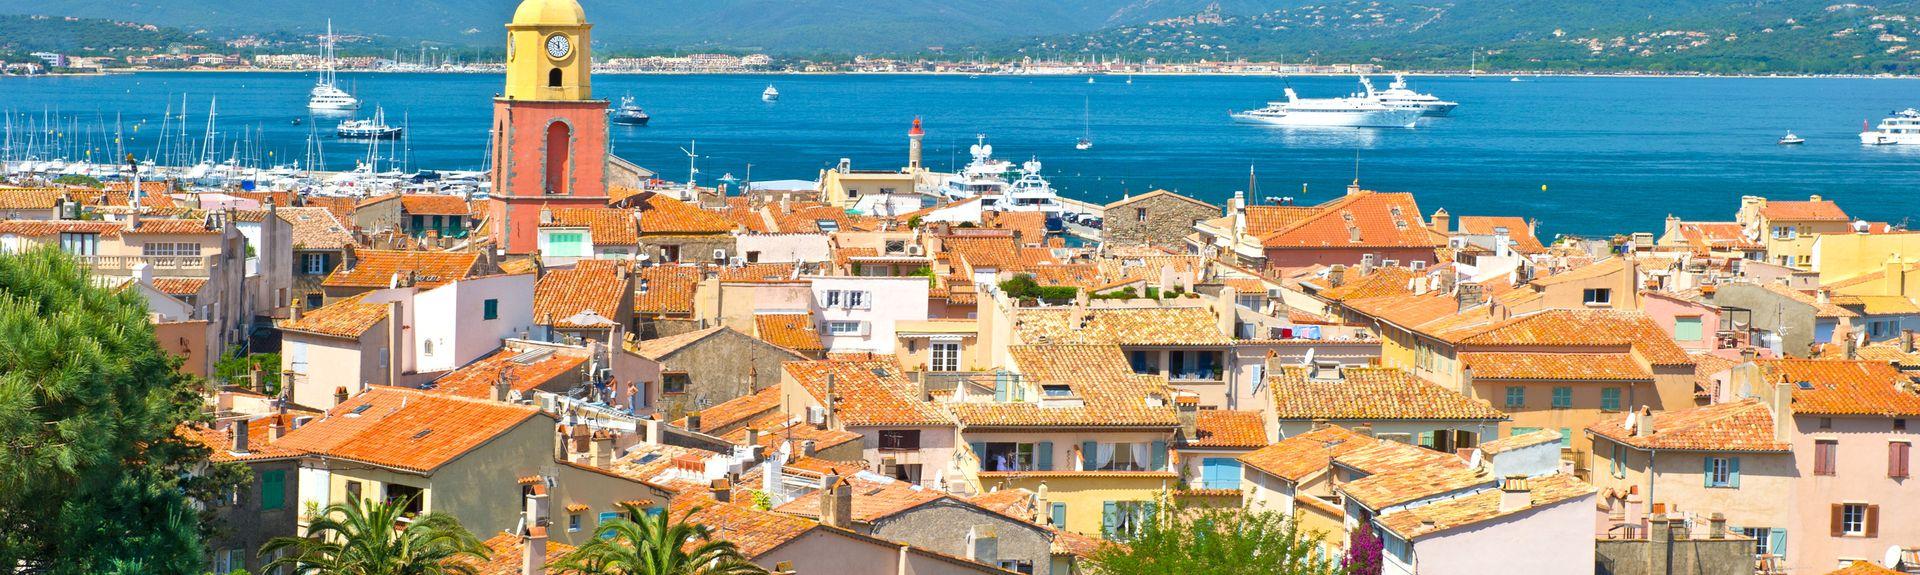 Saint-Tropez, Provence-Alpes-Côte d'Azur, Ranska